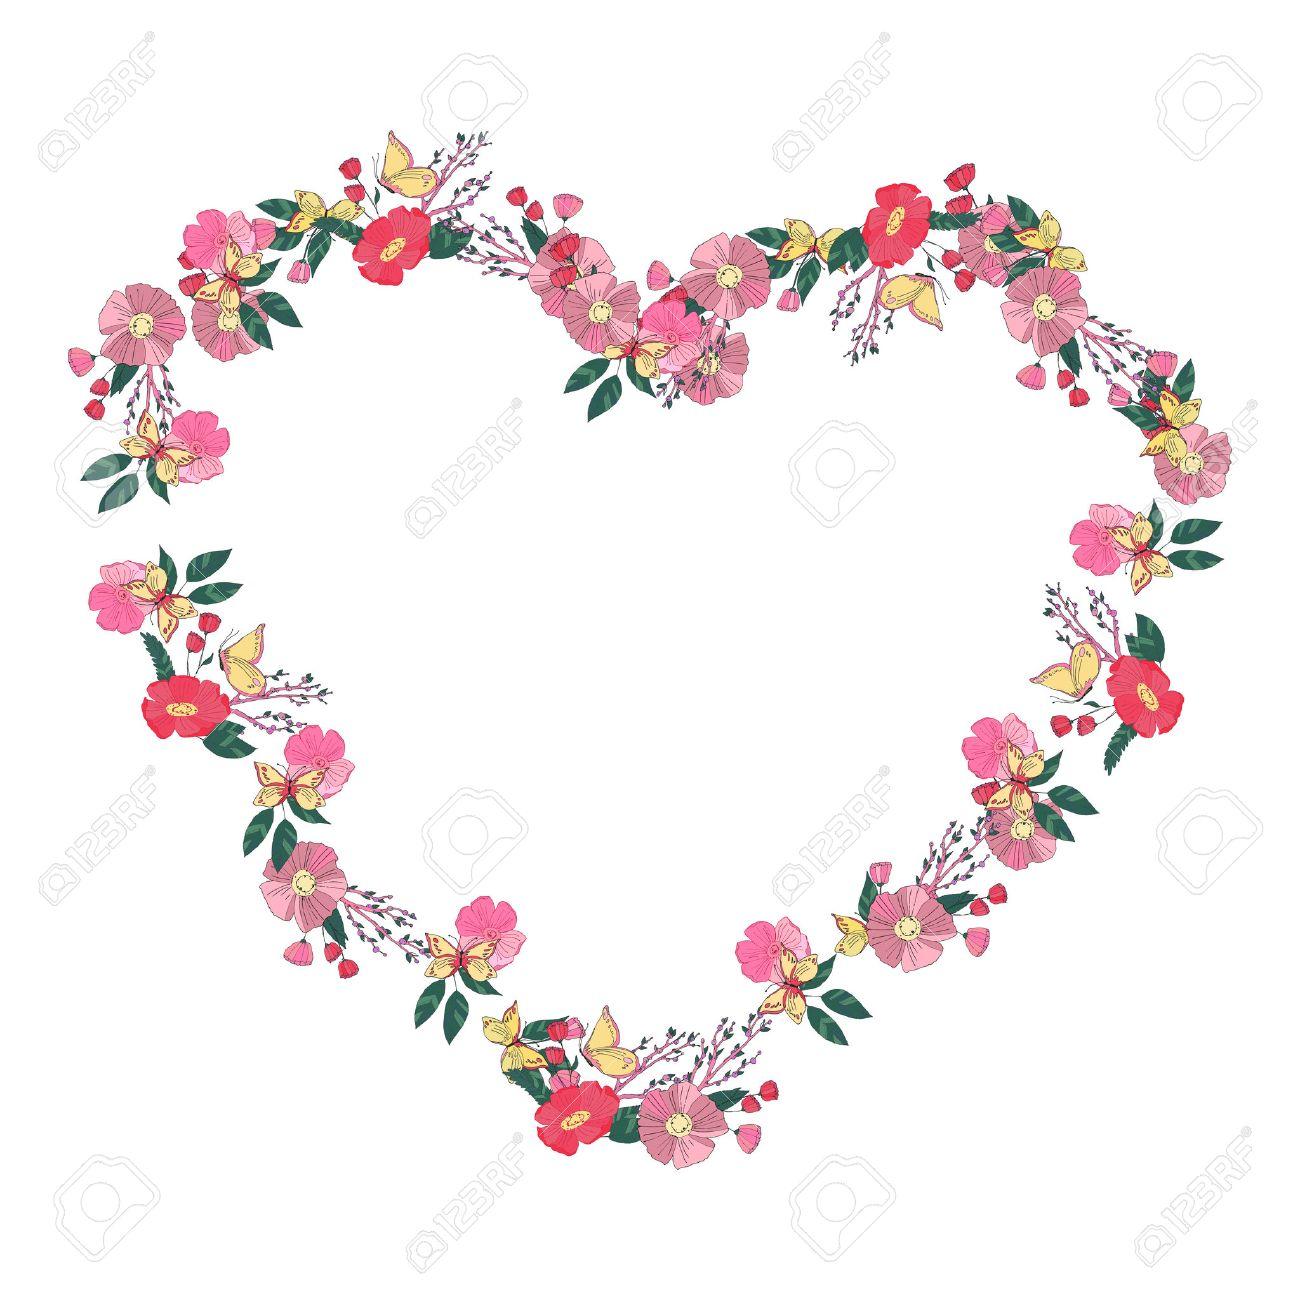 Mano Flores Dibujadas Dispuestos Onu Una Forma De Corazón Corona De